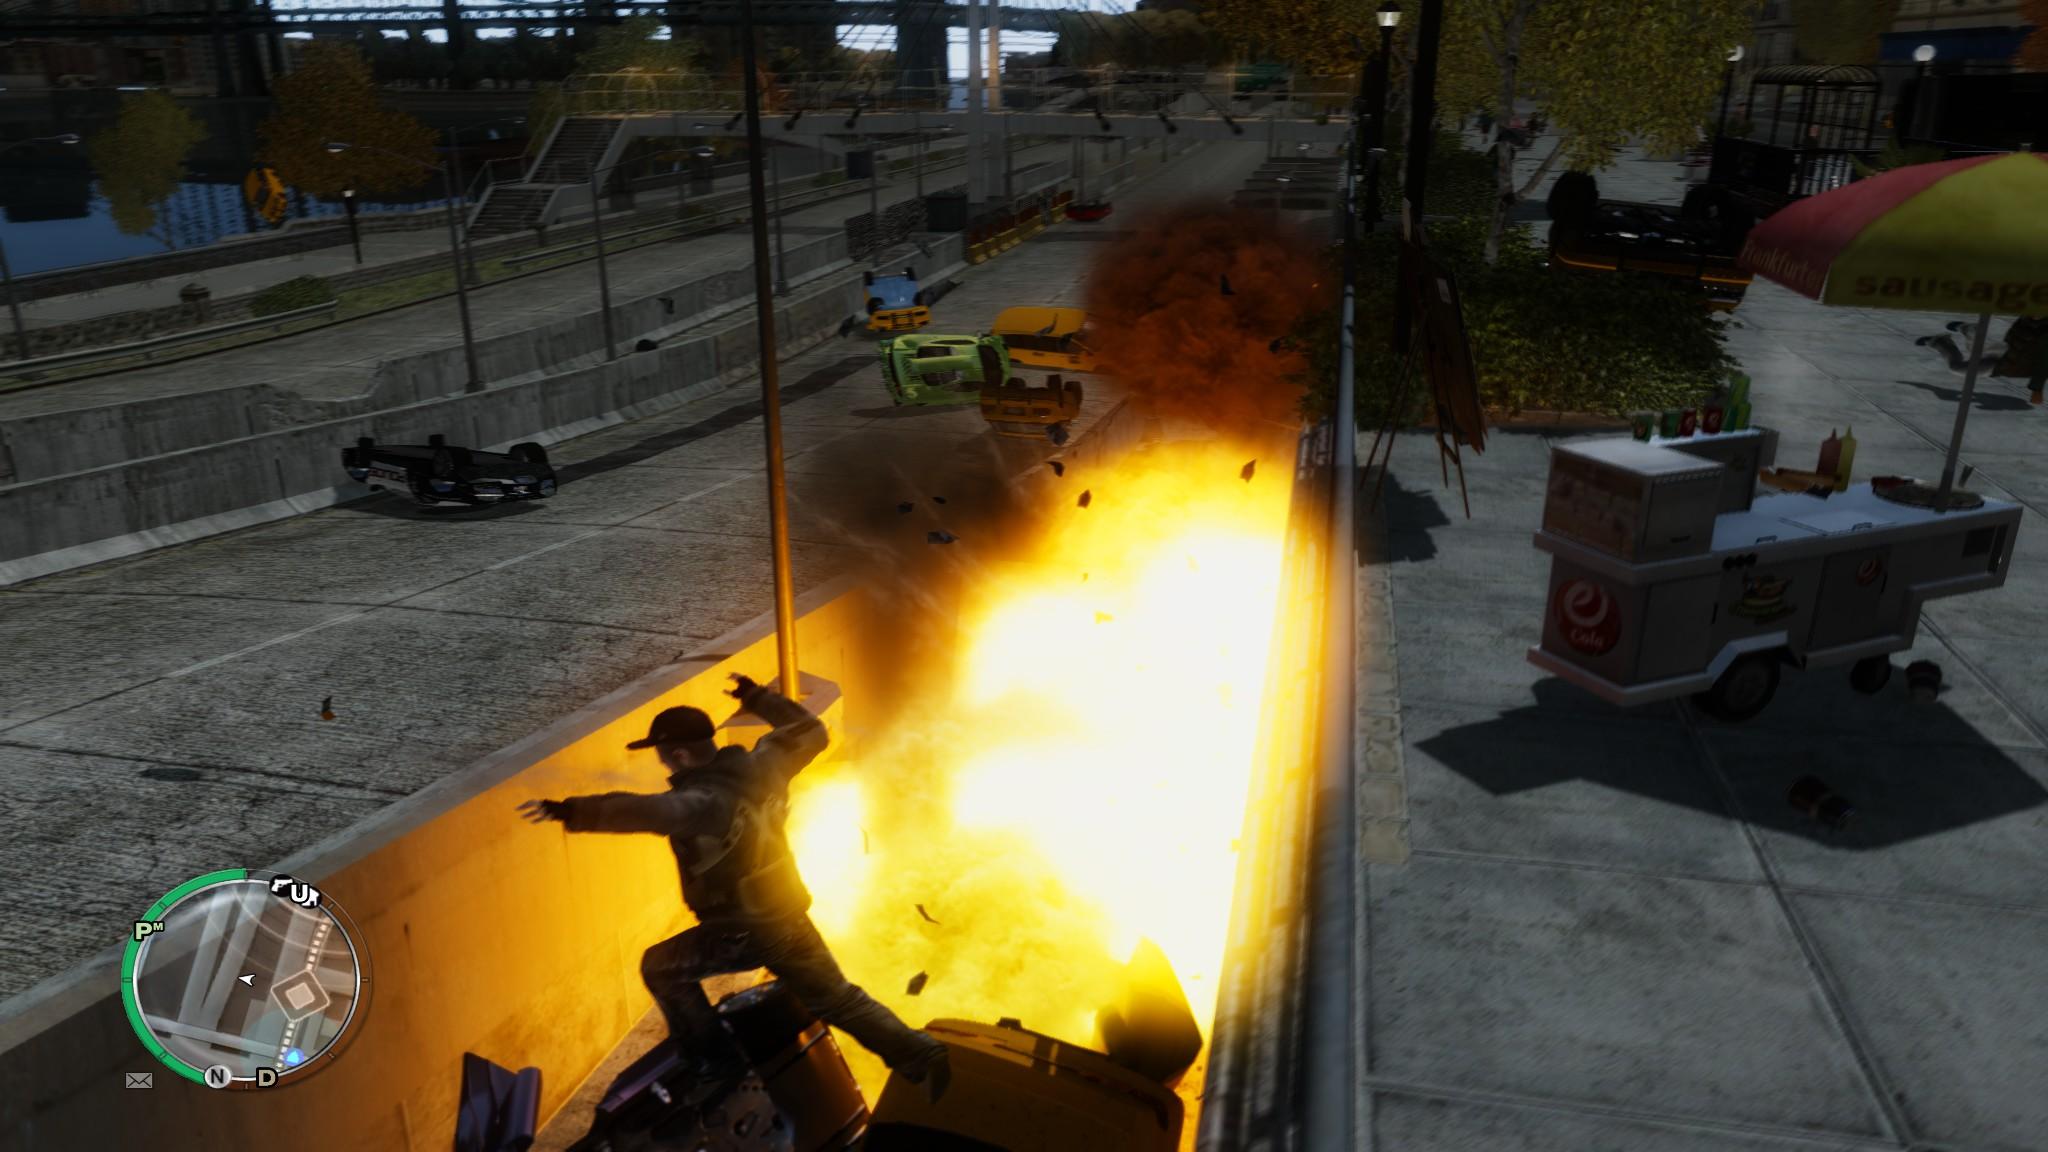 الاكشن في لعبة Carmageddon – GTA IV